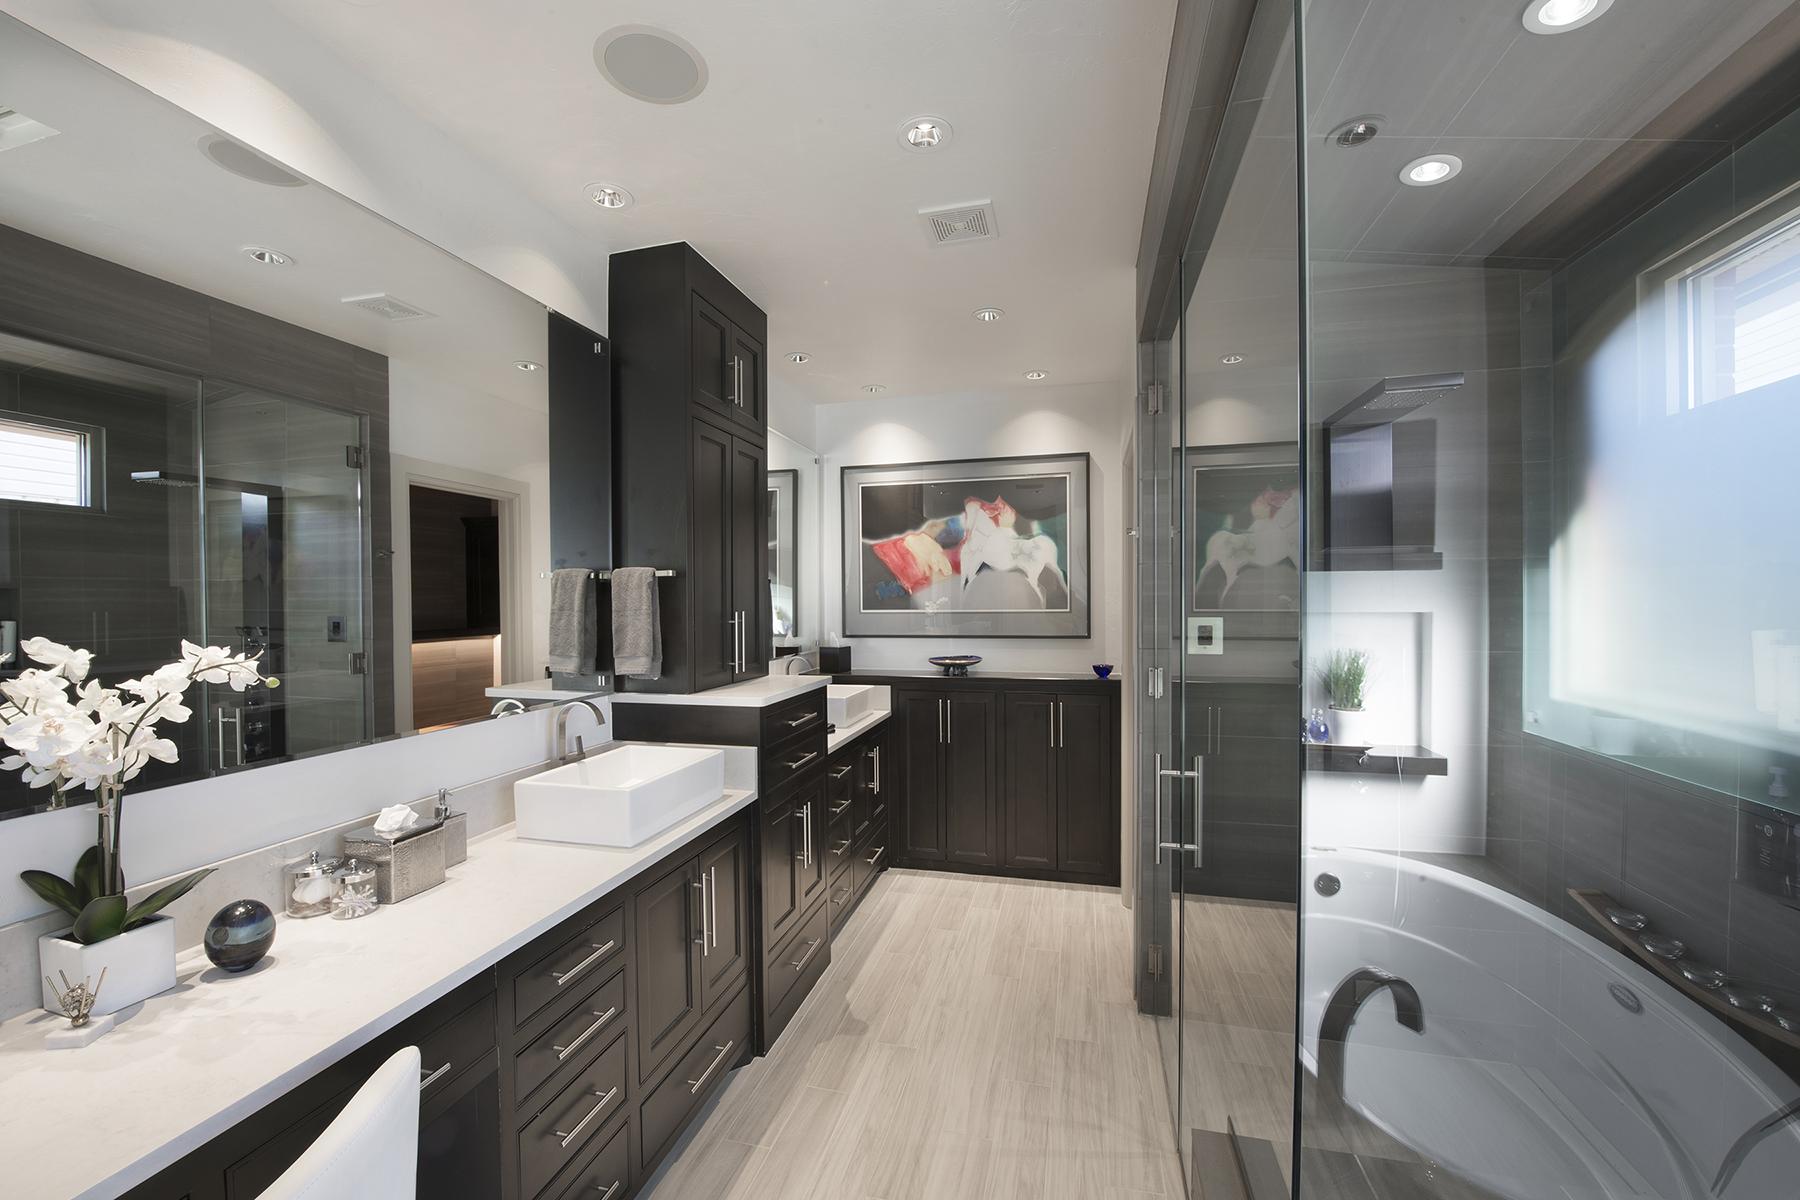 Cosmopolitan Modern Bathroom - Nichols Hills